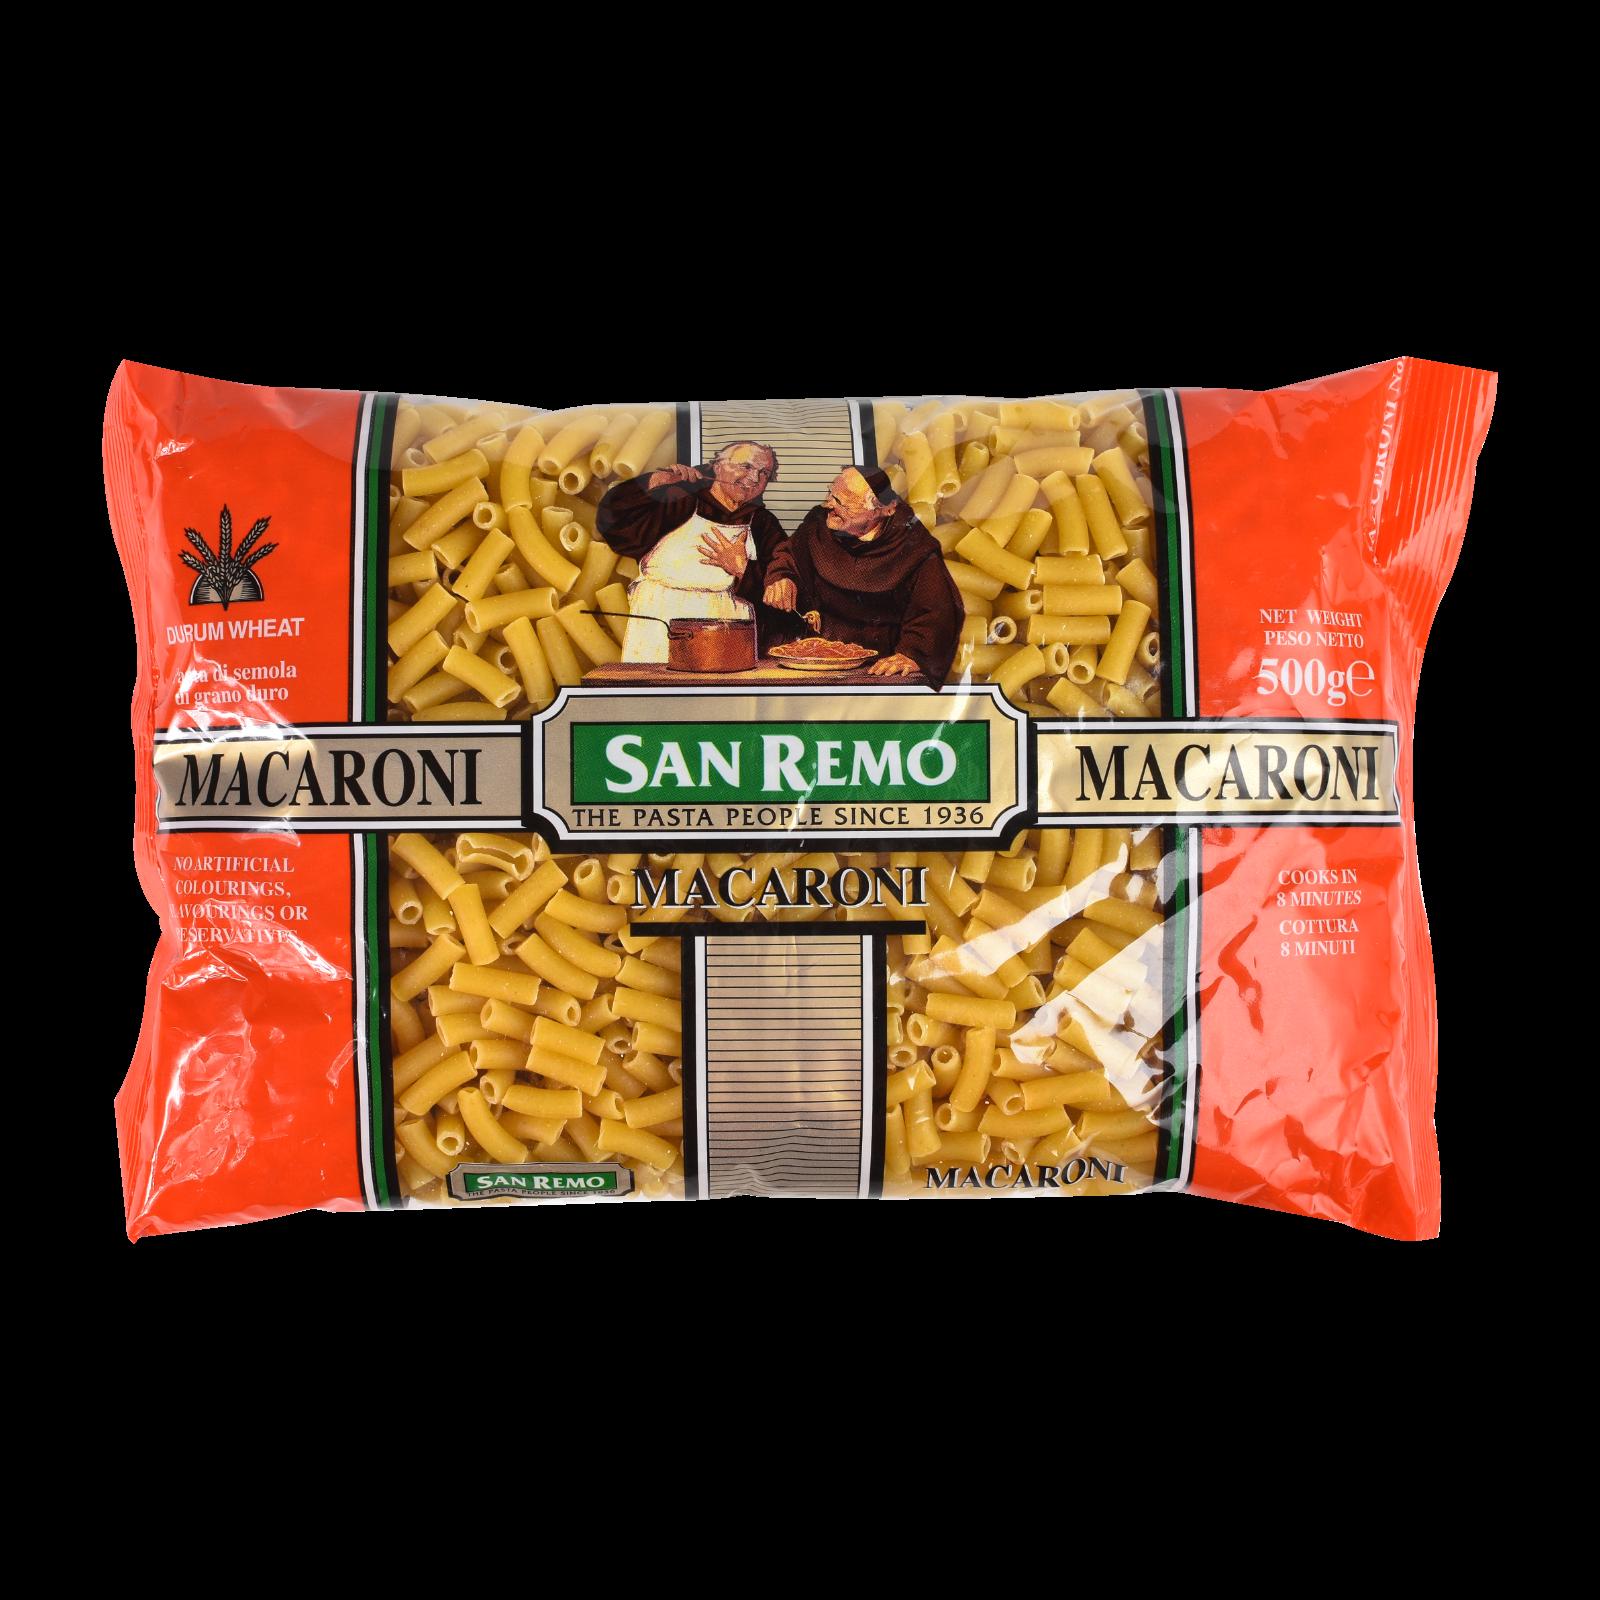 san remo macaroni.png